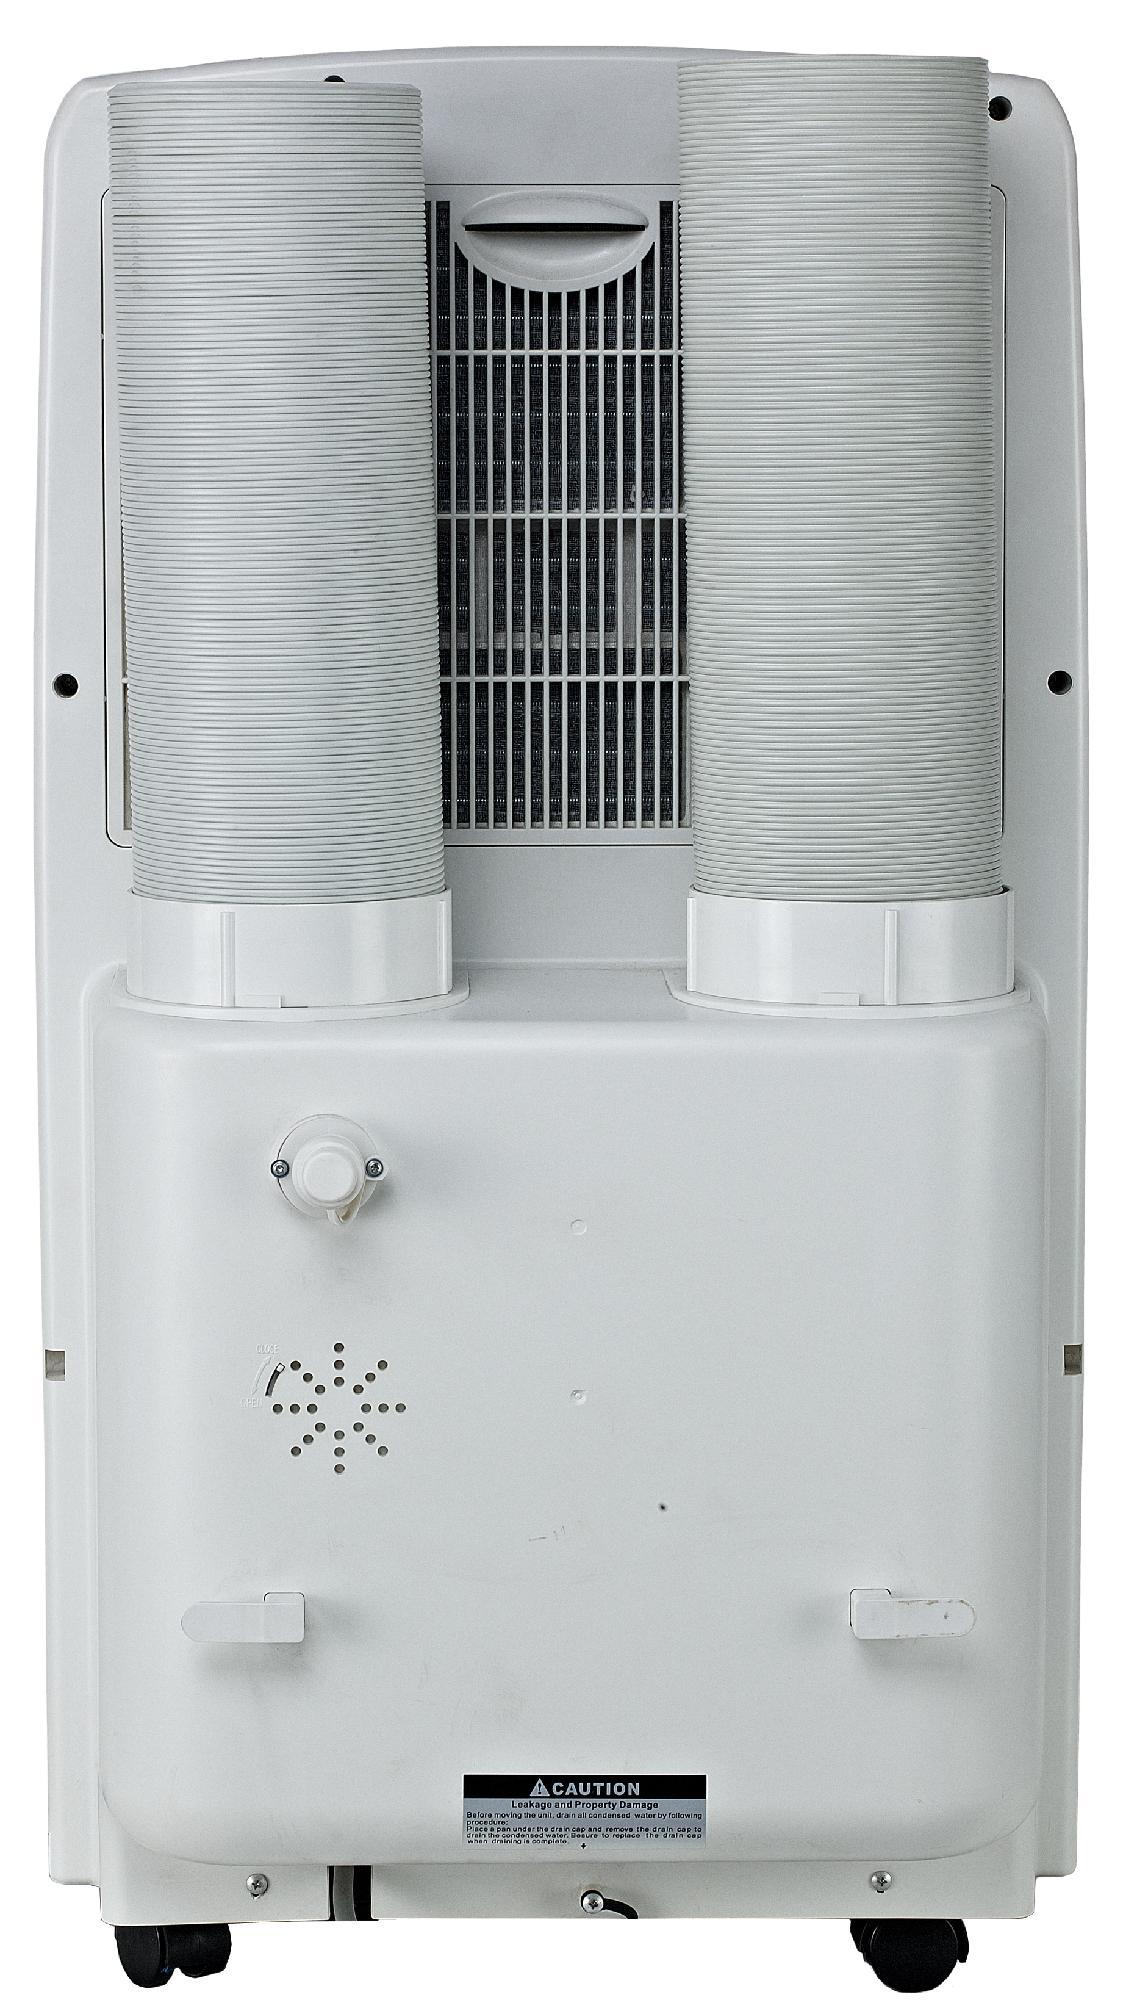 SPT 11,000 BTU Portable Air Conditioner Dual-Hose System